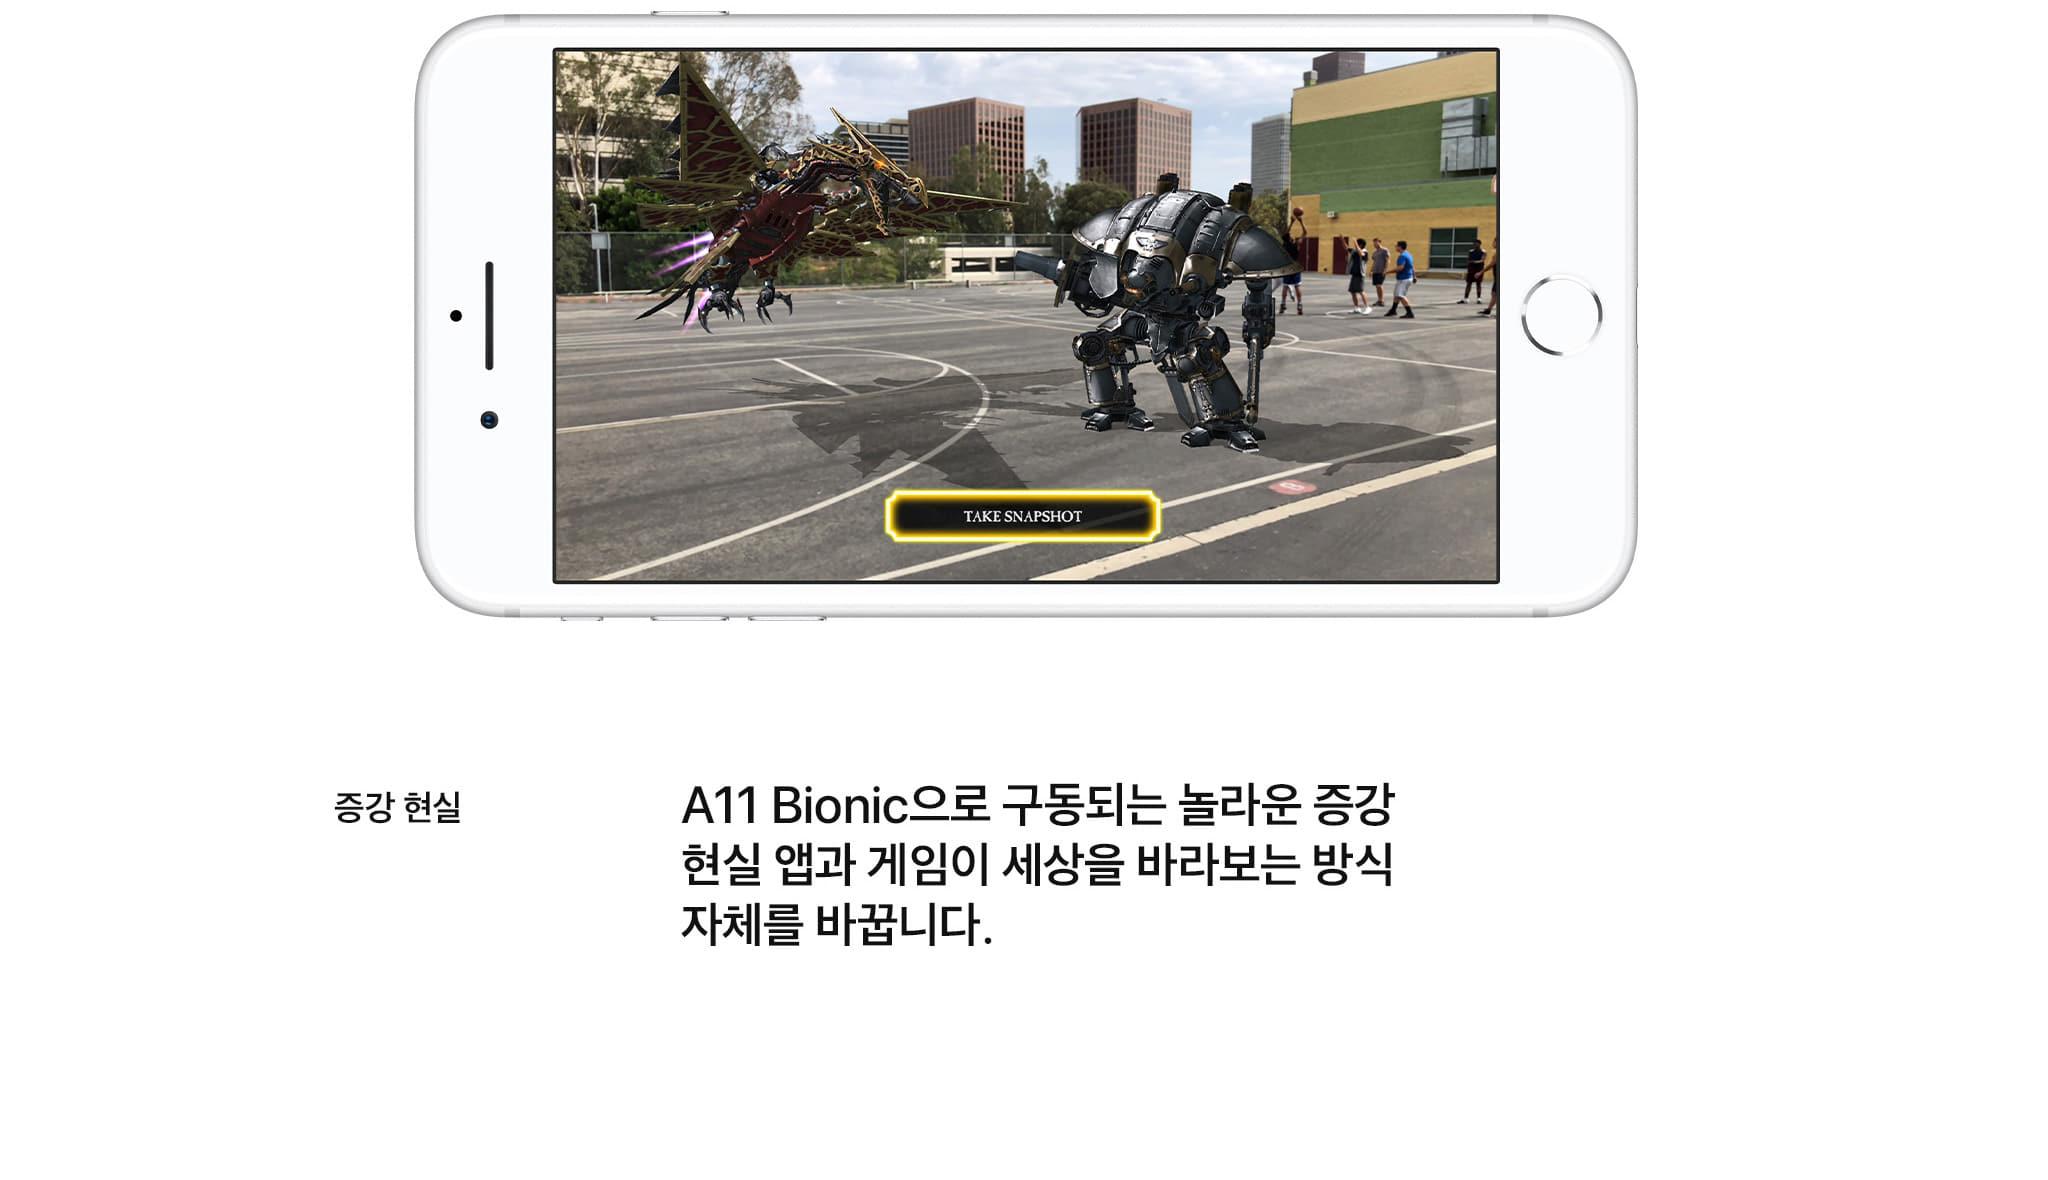 증강현실 a11 bionic으로 구동되는 놀라운 증강 현실앱과 게임이 세상을 바라보는방식 자체를 바꿉니다.